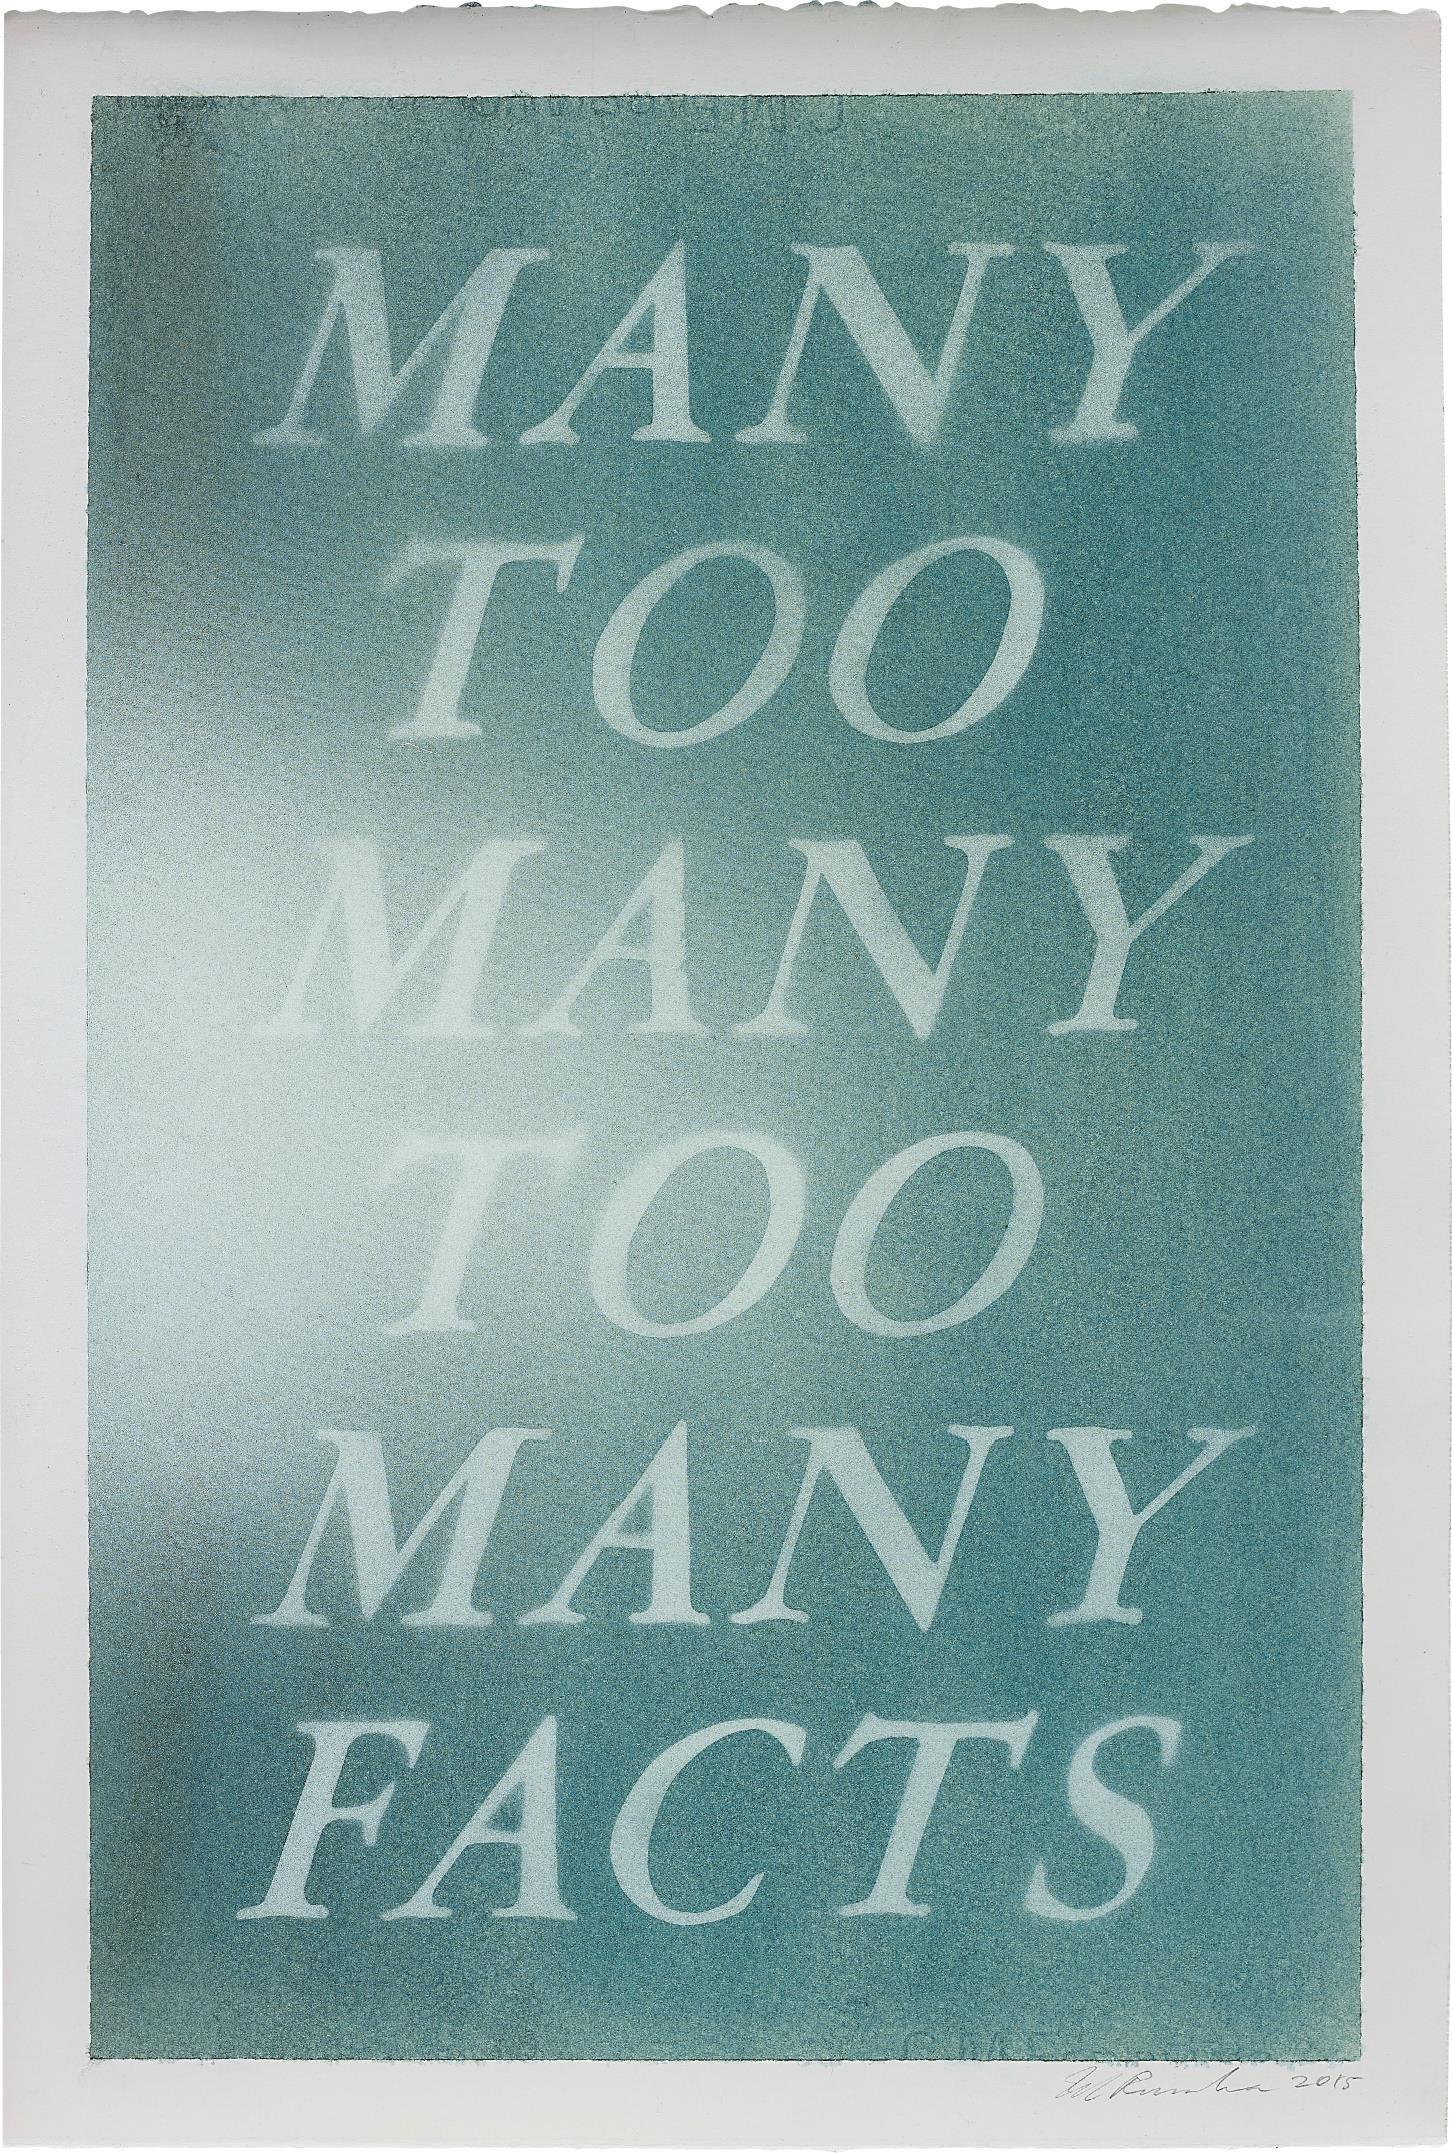 Ed Ruscha-Many Too Many Too Many Facts-2015